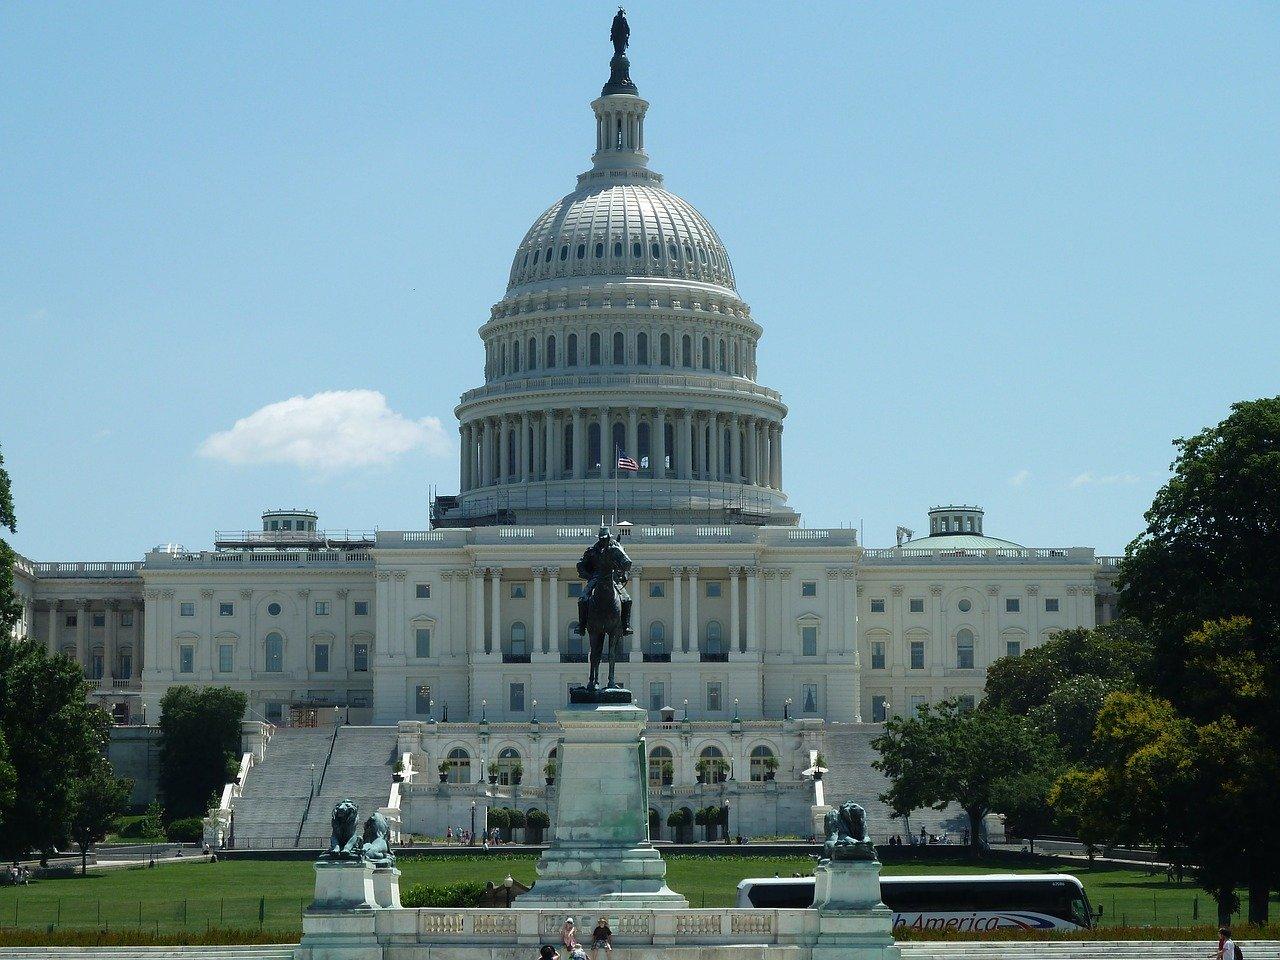 5Gとコロナのデマに対するアメリカ政府の対応